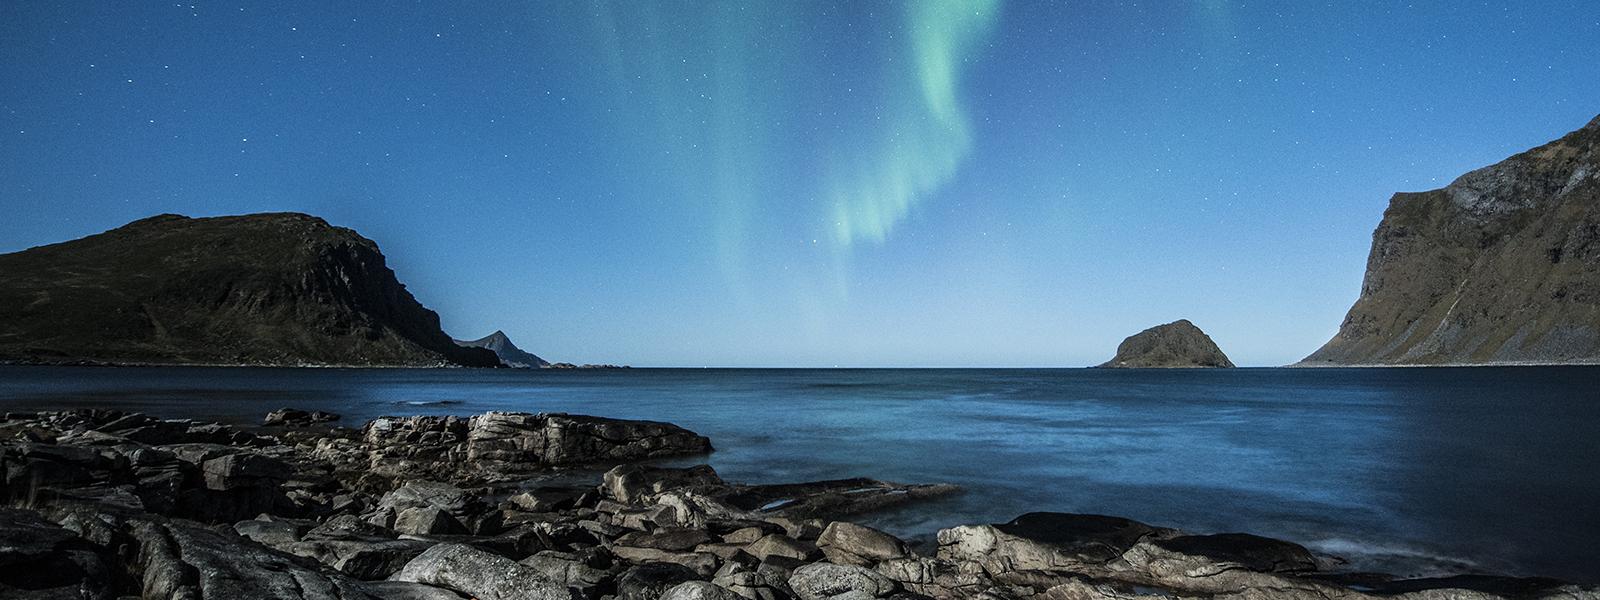 aurora-borealis-lofoten-norway-night